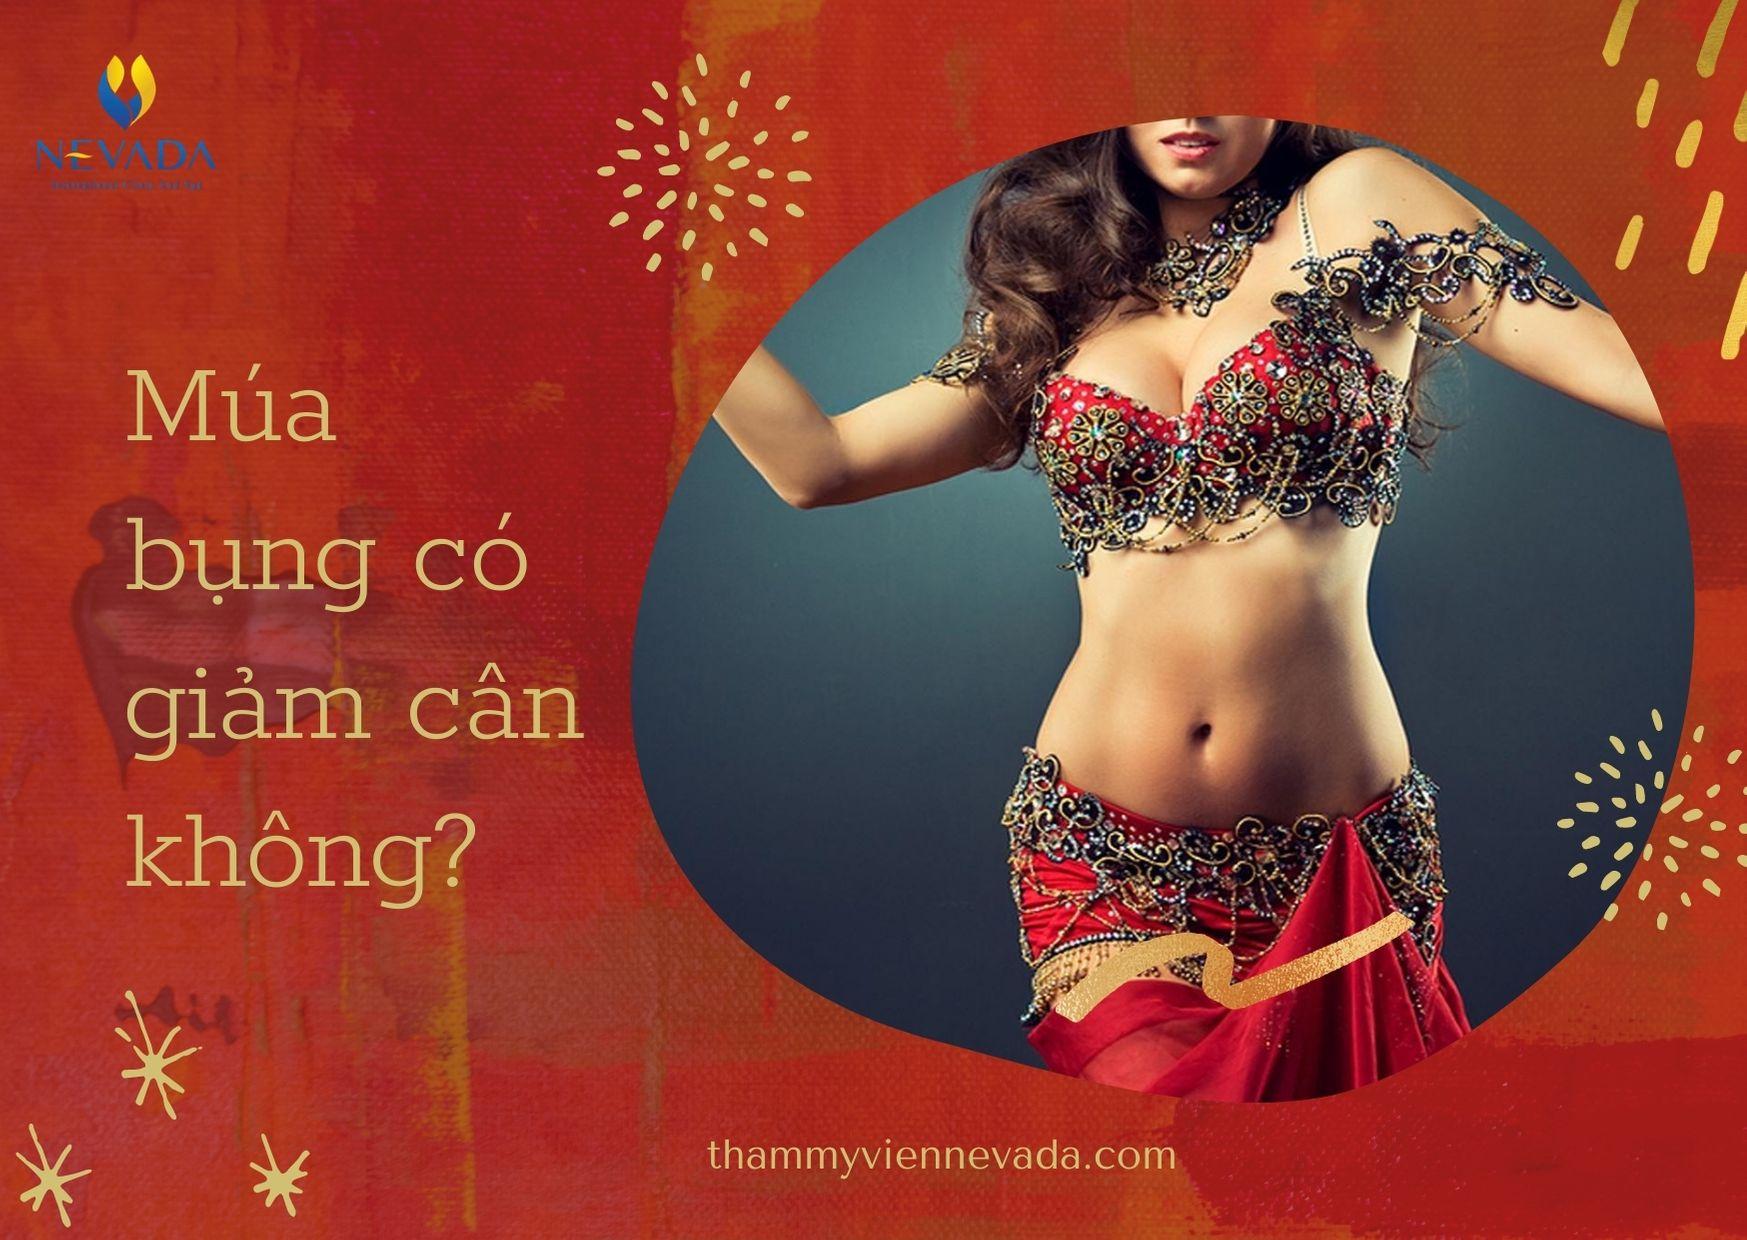 tập múa bụng giảm cân, múa bụng có giảm cân không, học múa bụng có giảm cân không, múa bụng có giảm cân, múa bụng